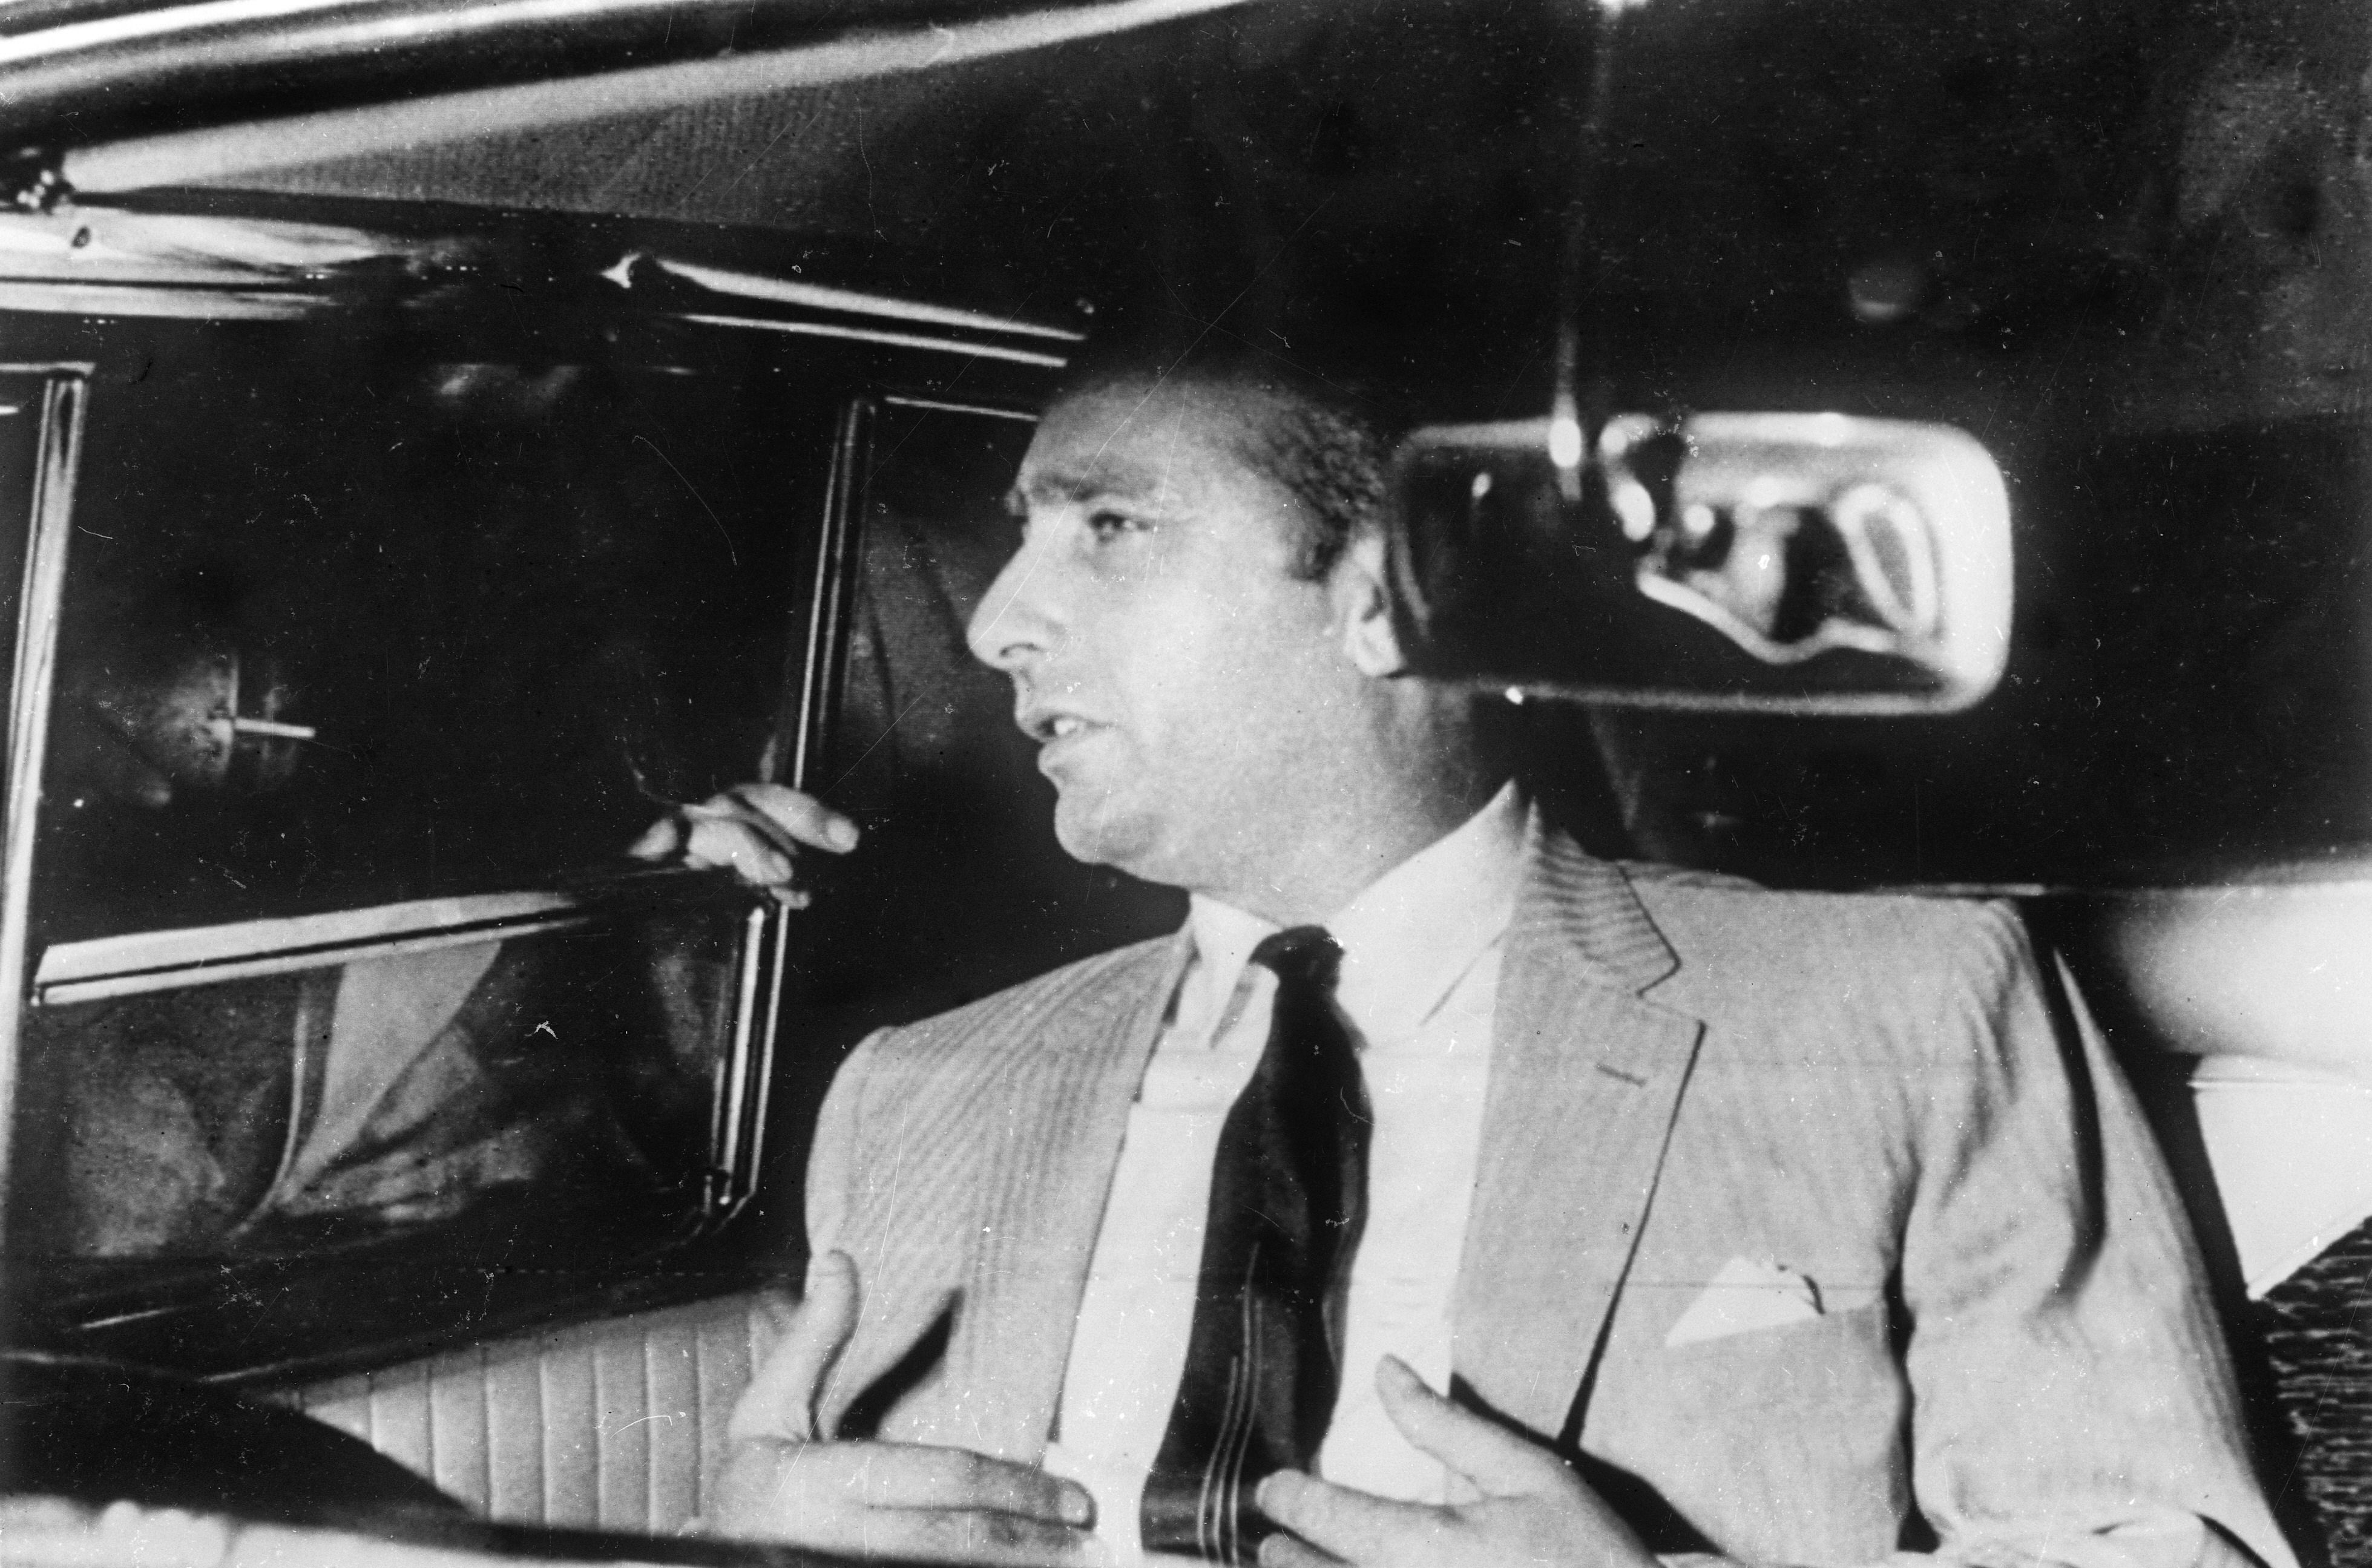 Juan Manuel Fangio, en el coche del embajador argentino en Cuba, Raúl Lynch Guevara, habla con los periodistas a su llegada a la embajada argentina en el barrio de Miramar, después de su liberación (EFE)